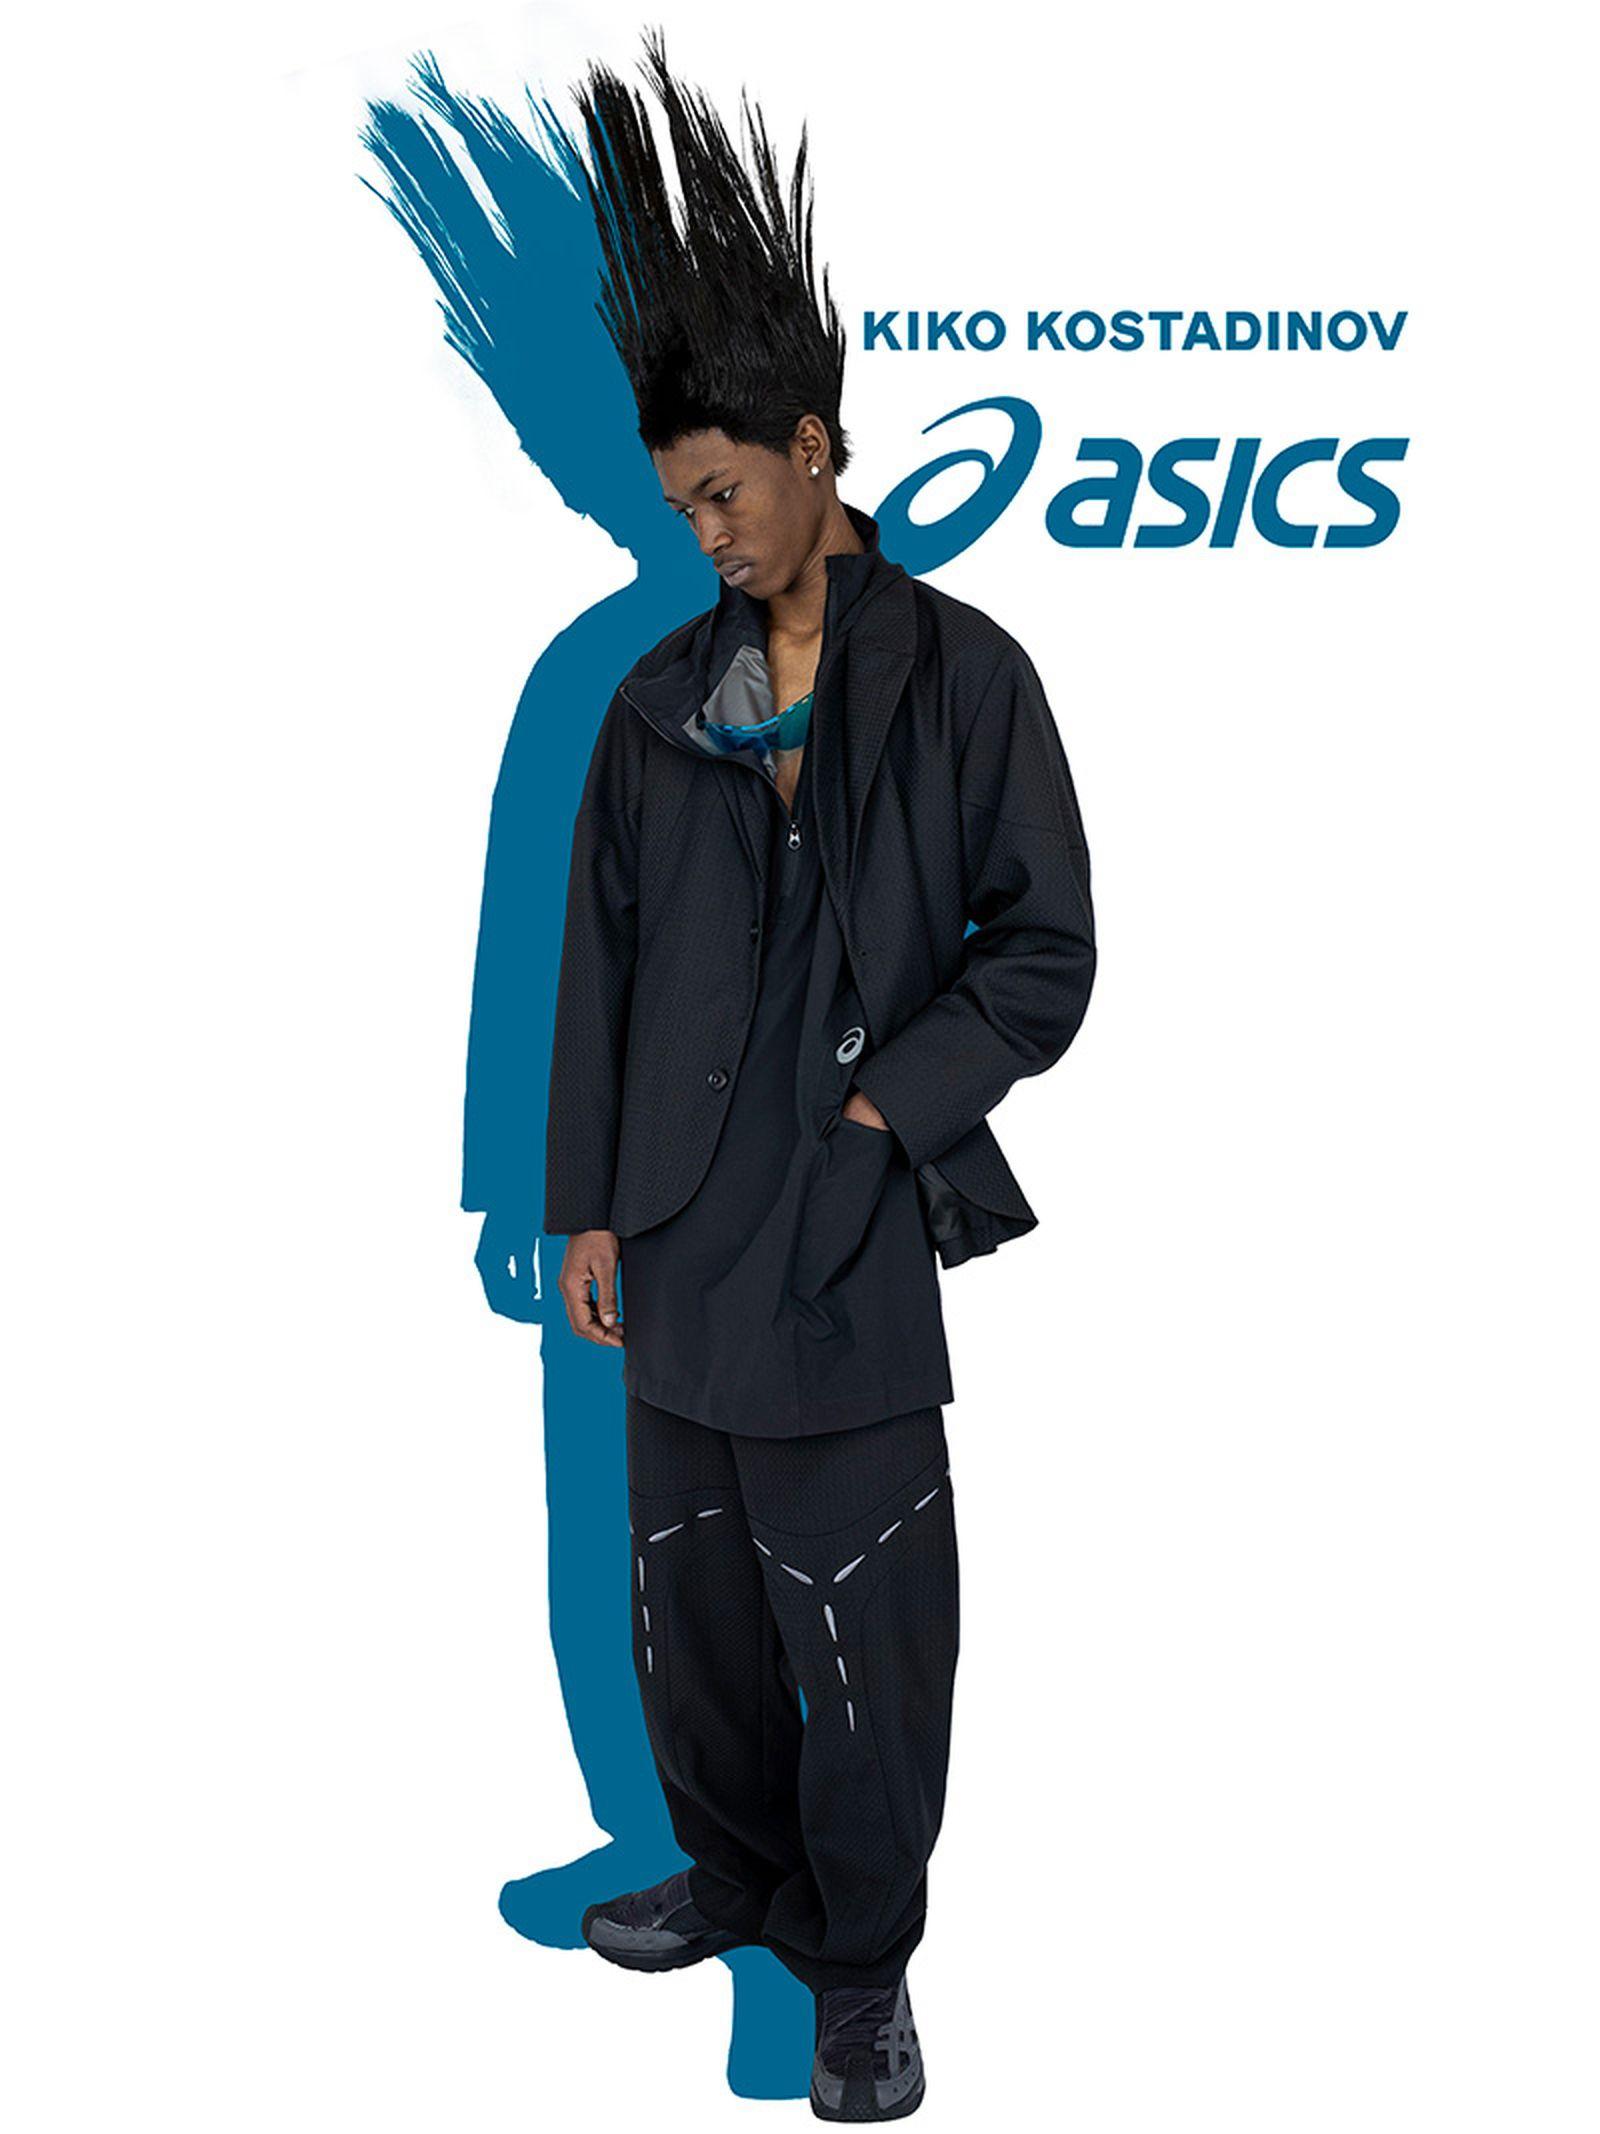 kiko-kostadinov-asics-gel-kiril-2-release-date-price-campaign-01